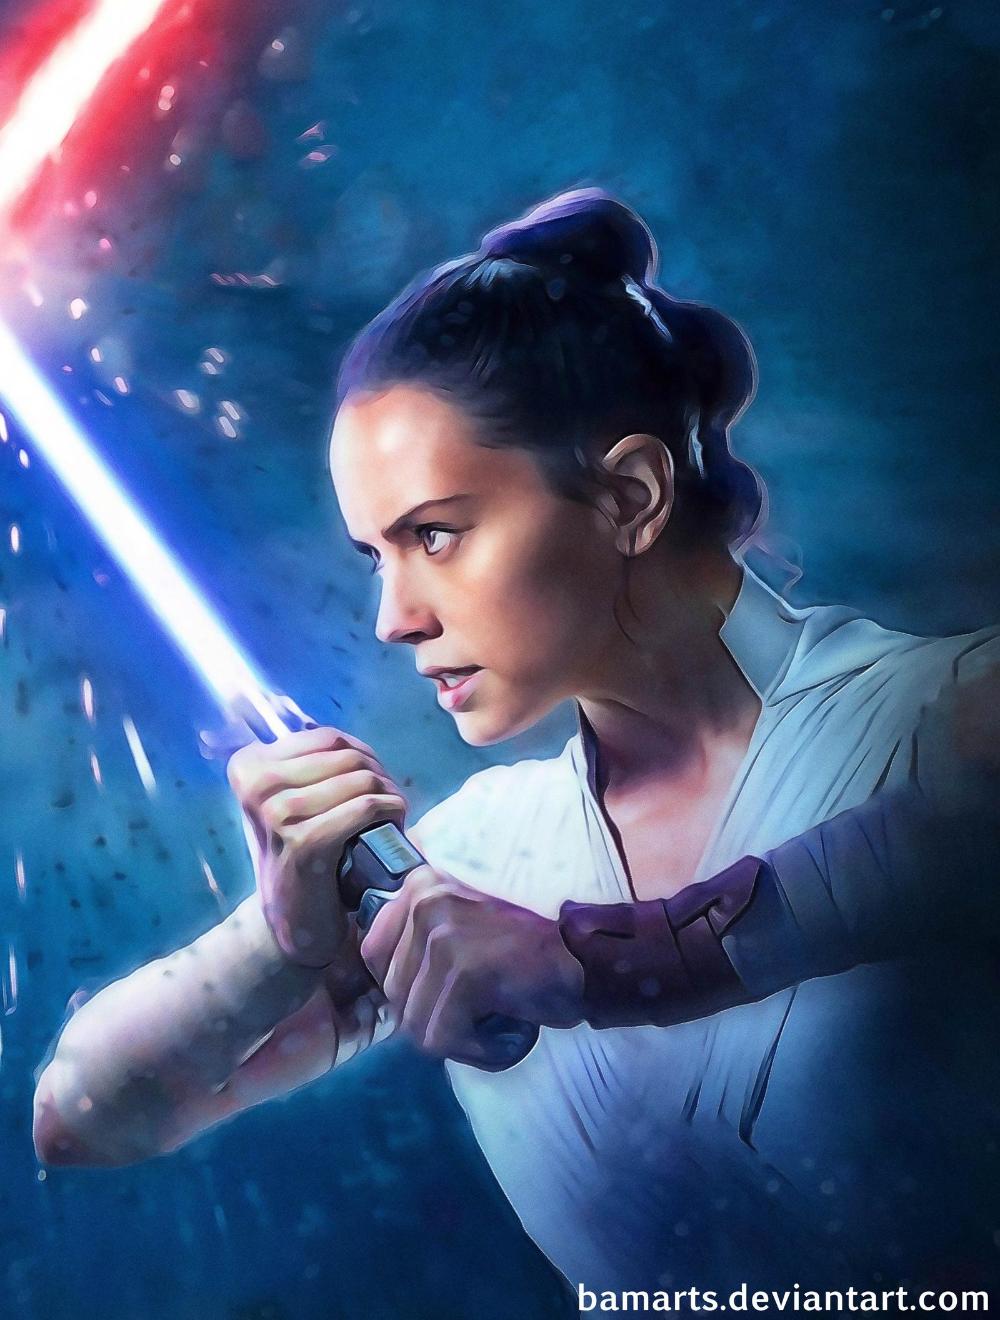 Kylo Rey Star Wars final (detail) by Bamarts on DeviantArt